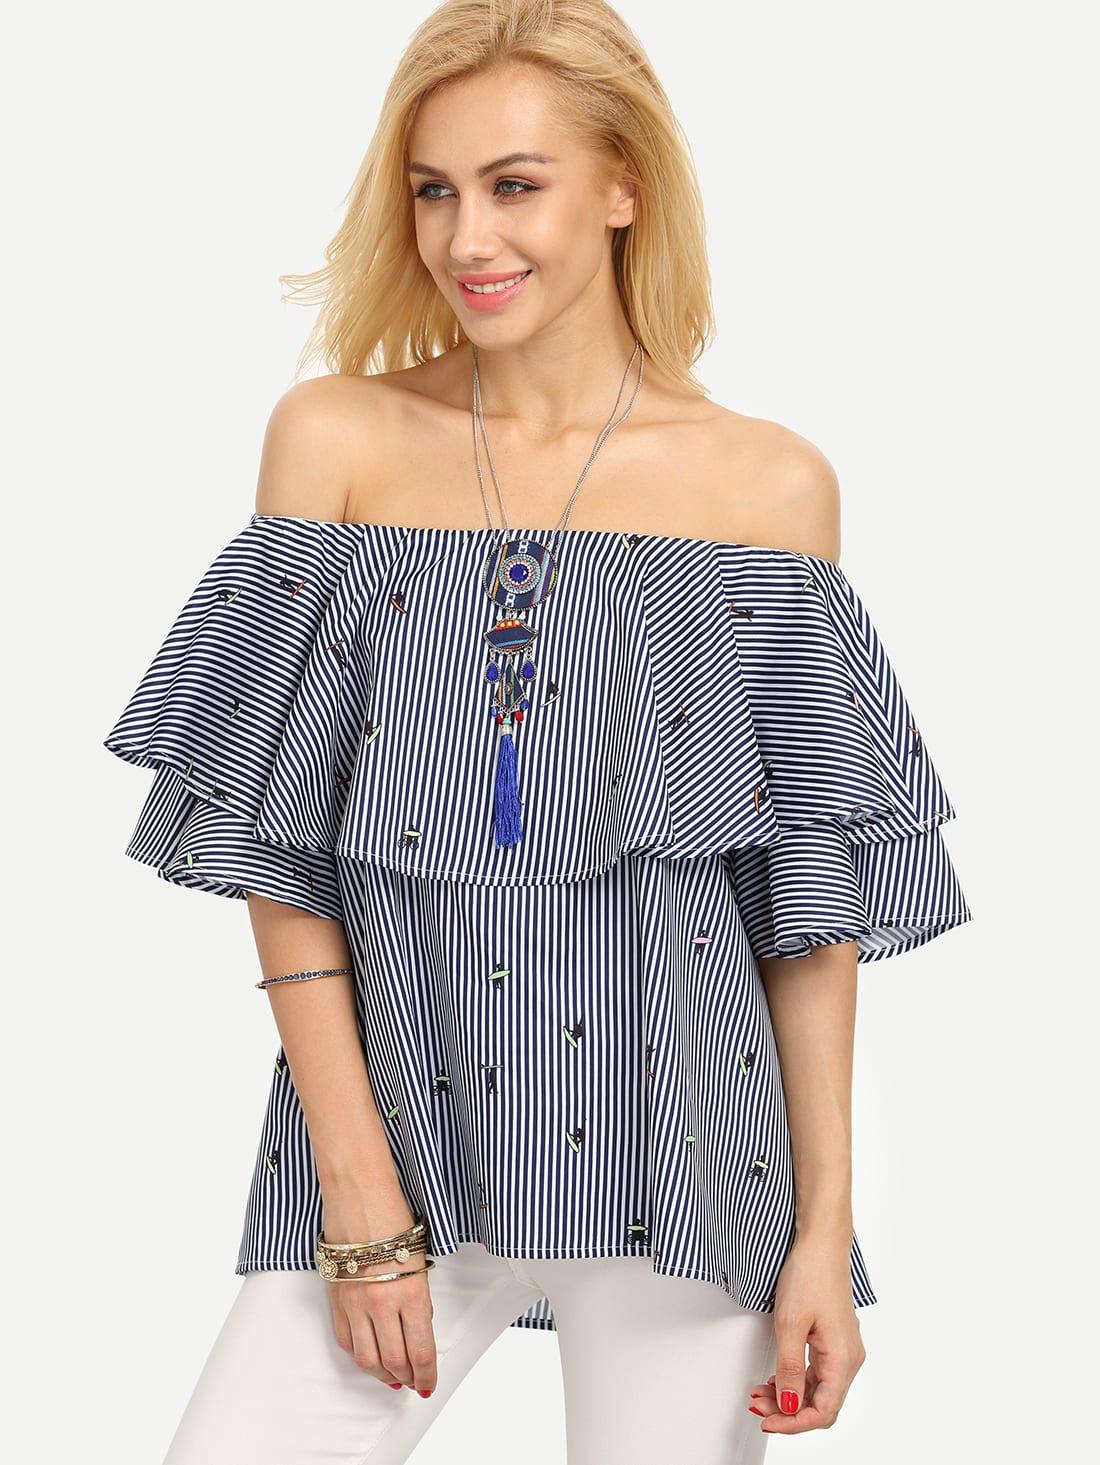 Блуза с открытыми плечами и воланом своими руками Дизайнерская одежда 2